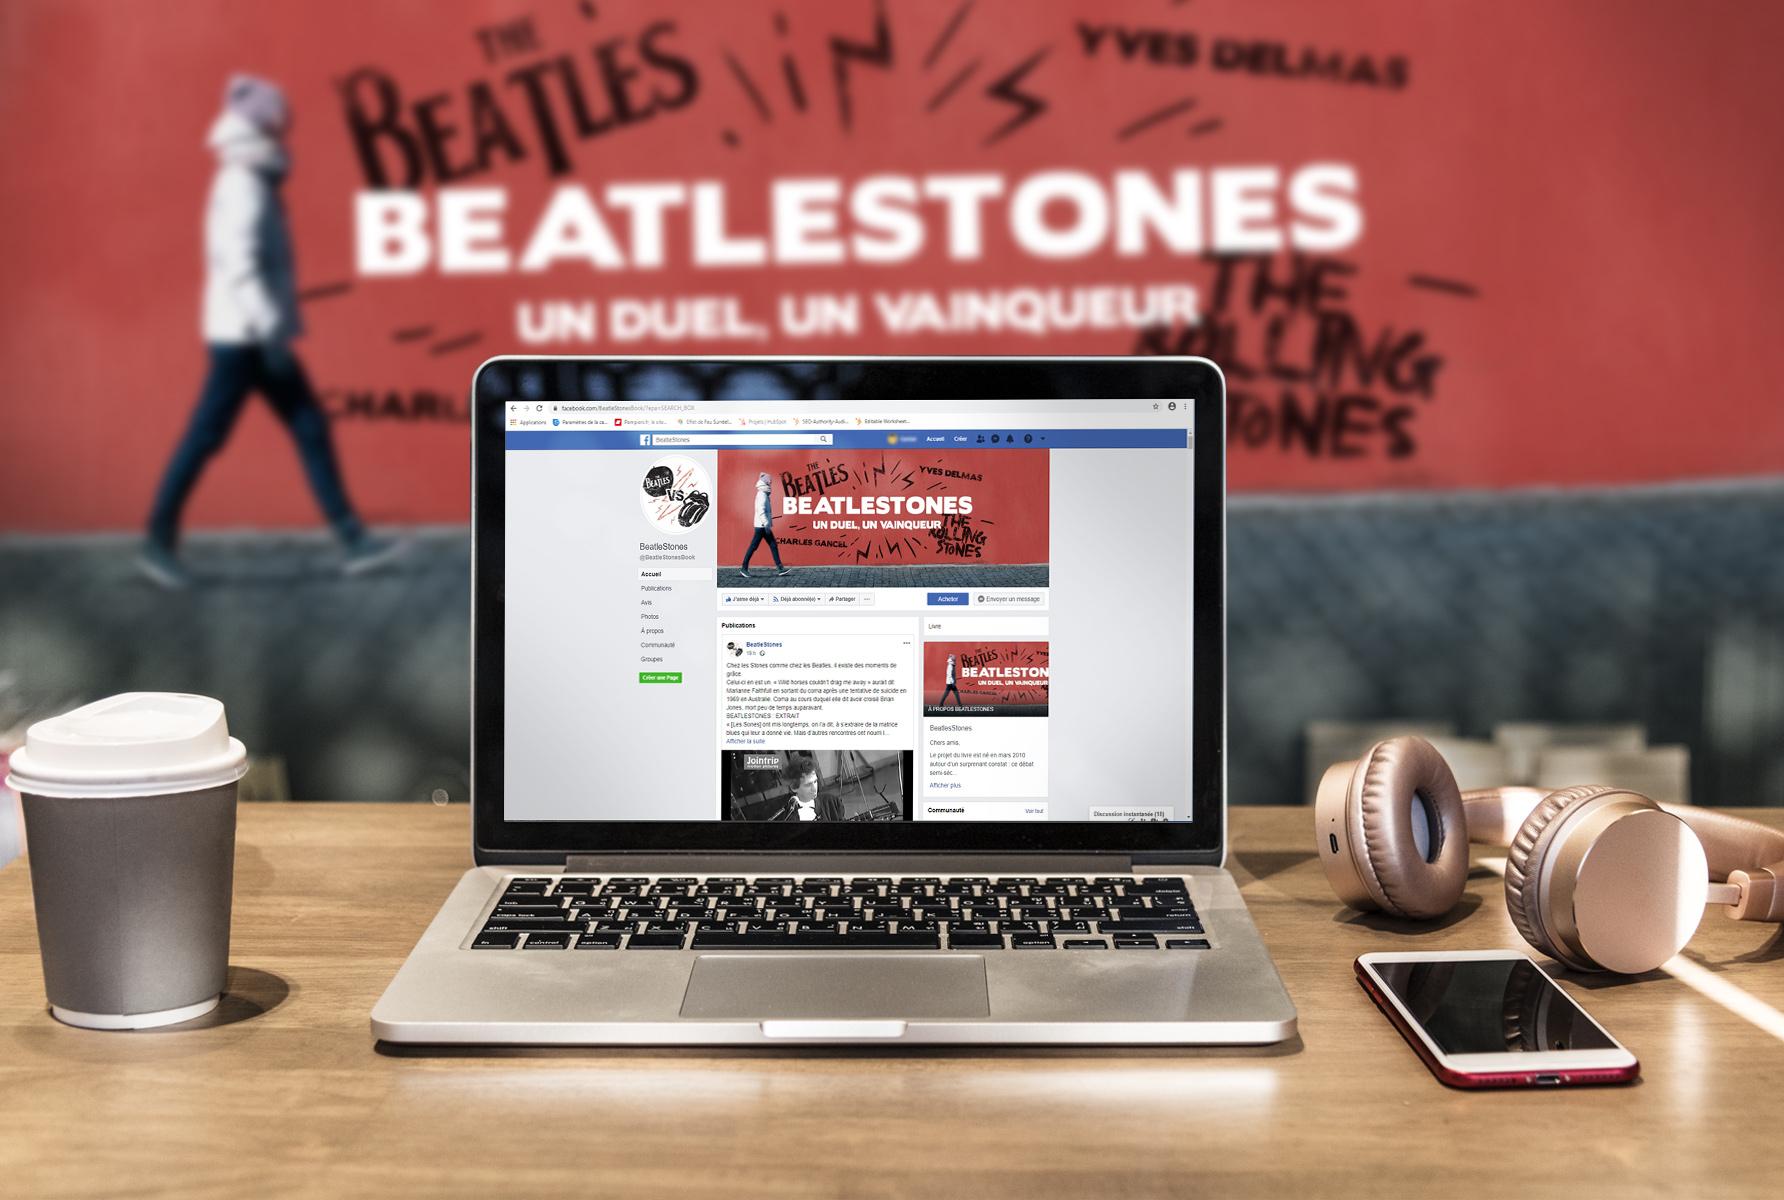 beatlestones mockup 2